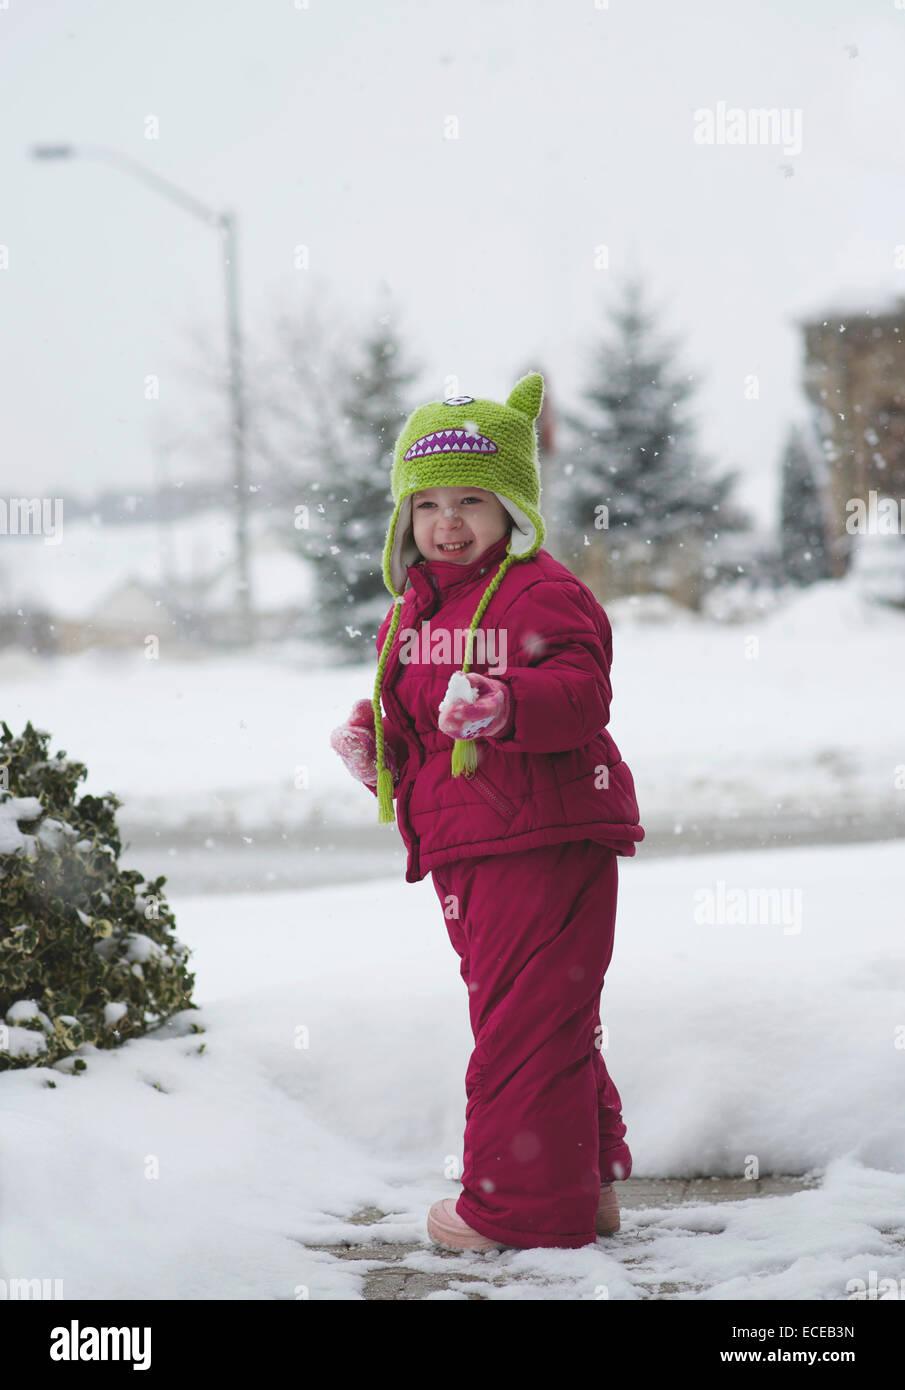 Niño Niña (2-3) con copo de nieve en la nariz Imagen De Stock